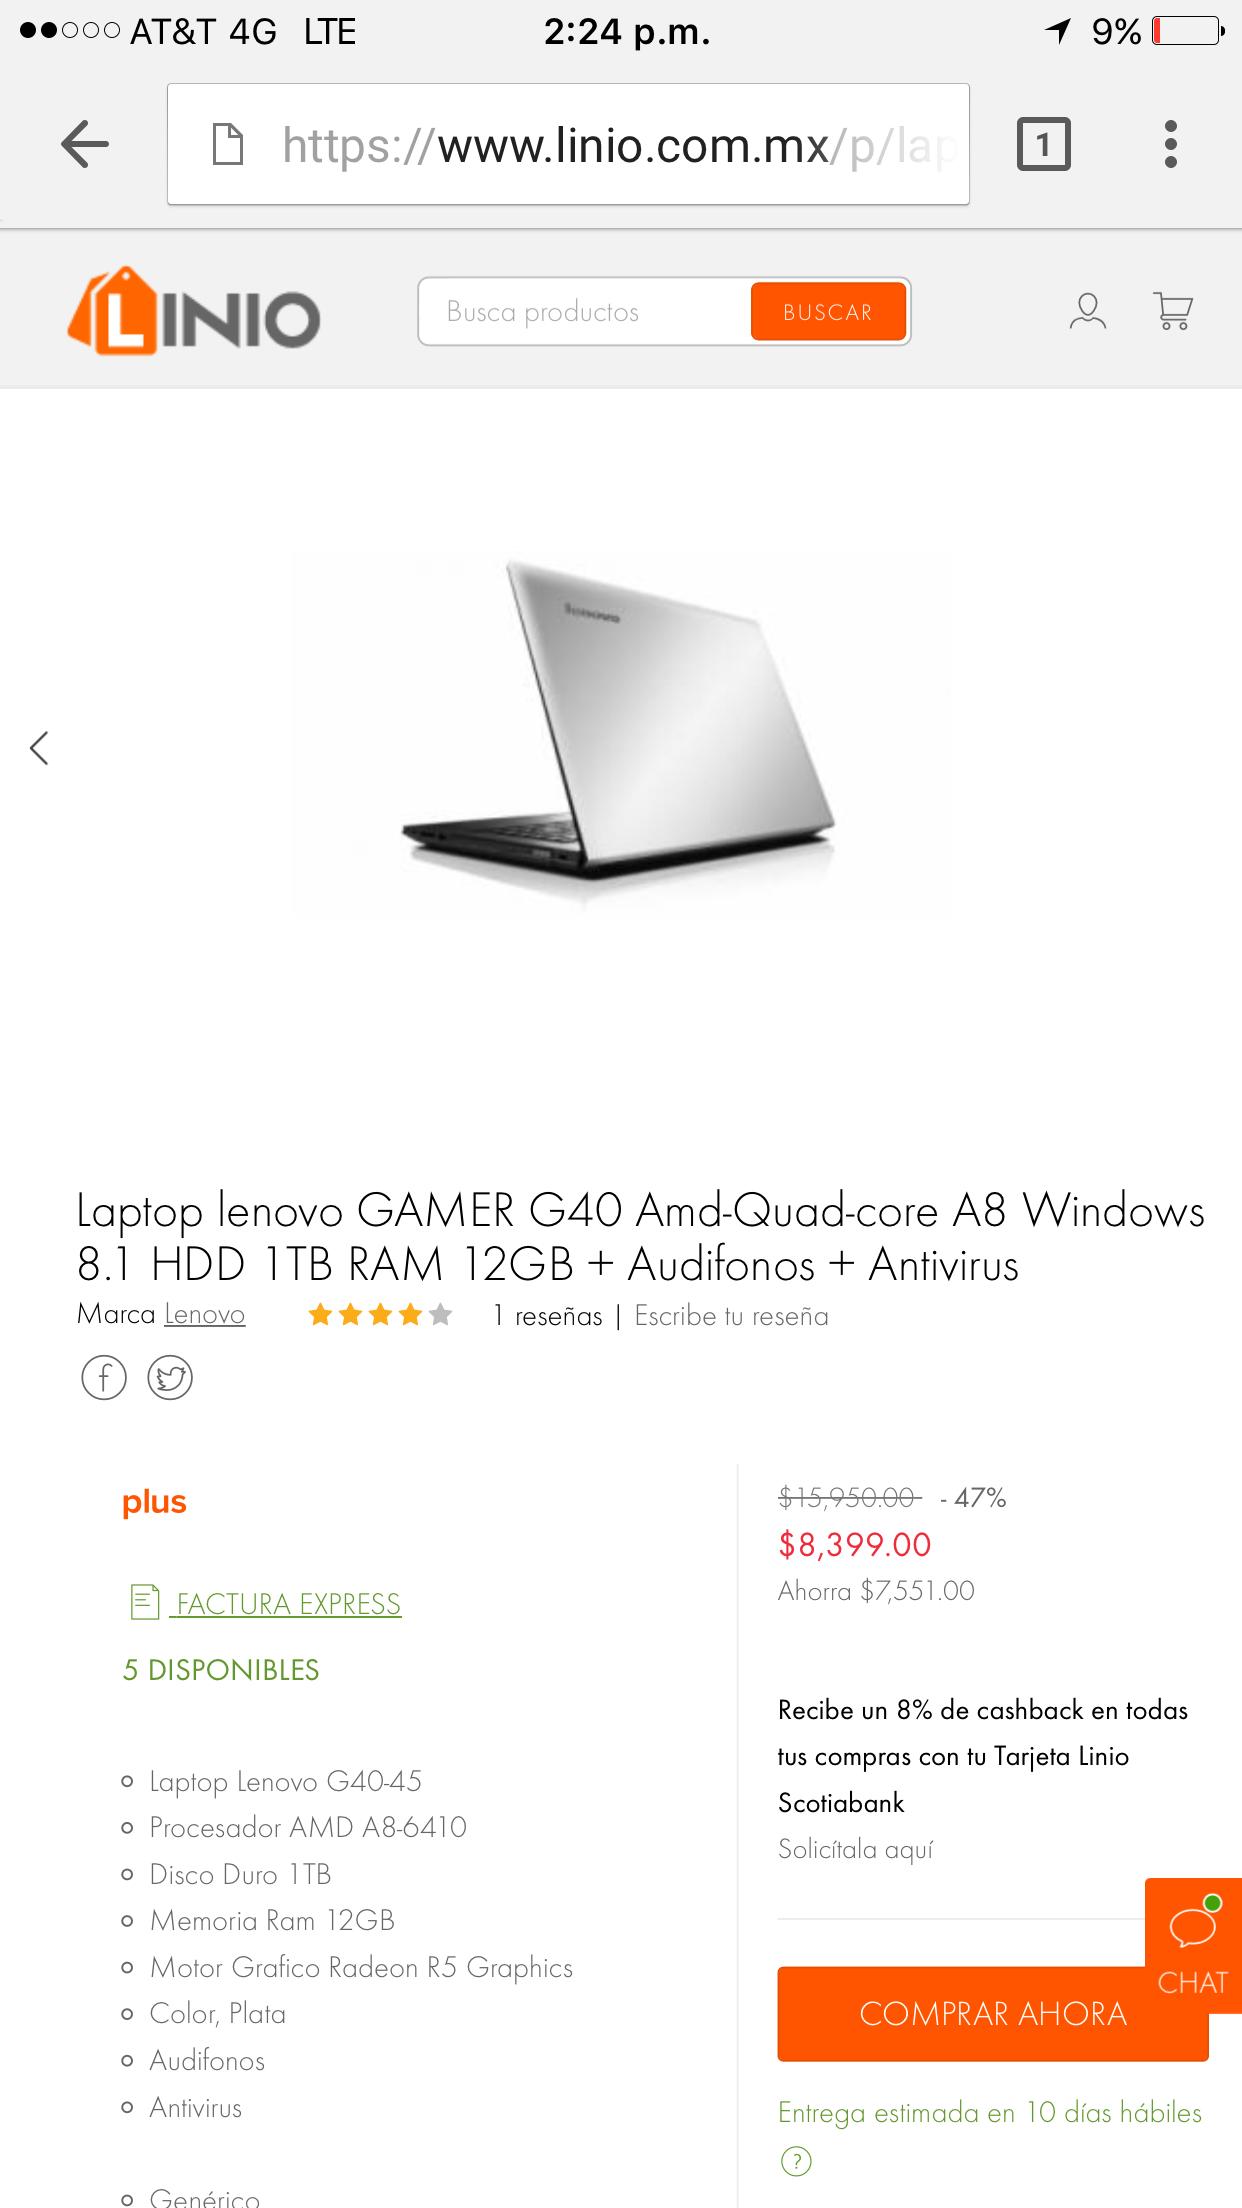 Linio: laptop Lenovo 1Tb de DD 12Gb de RAM a $8,399 o $7139 si te llego cupon